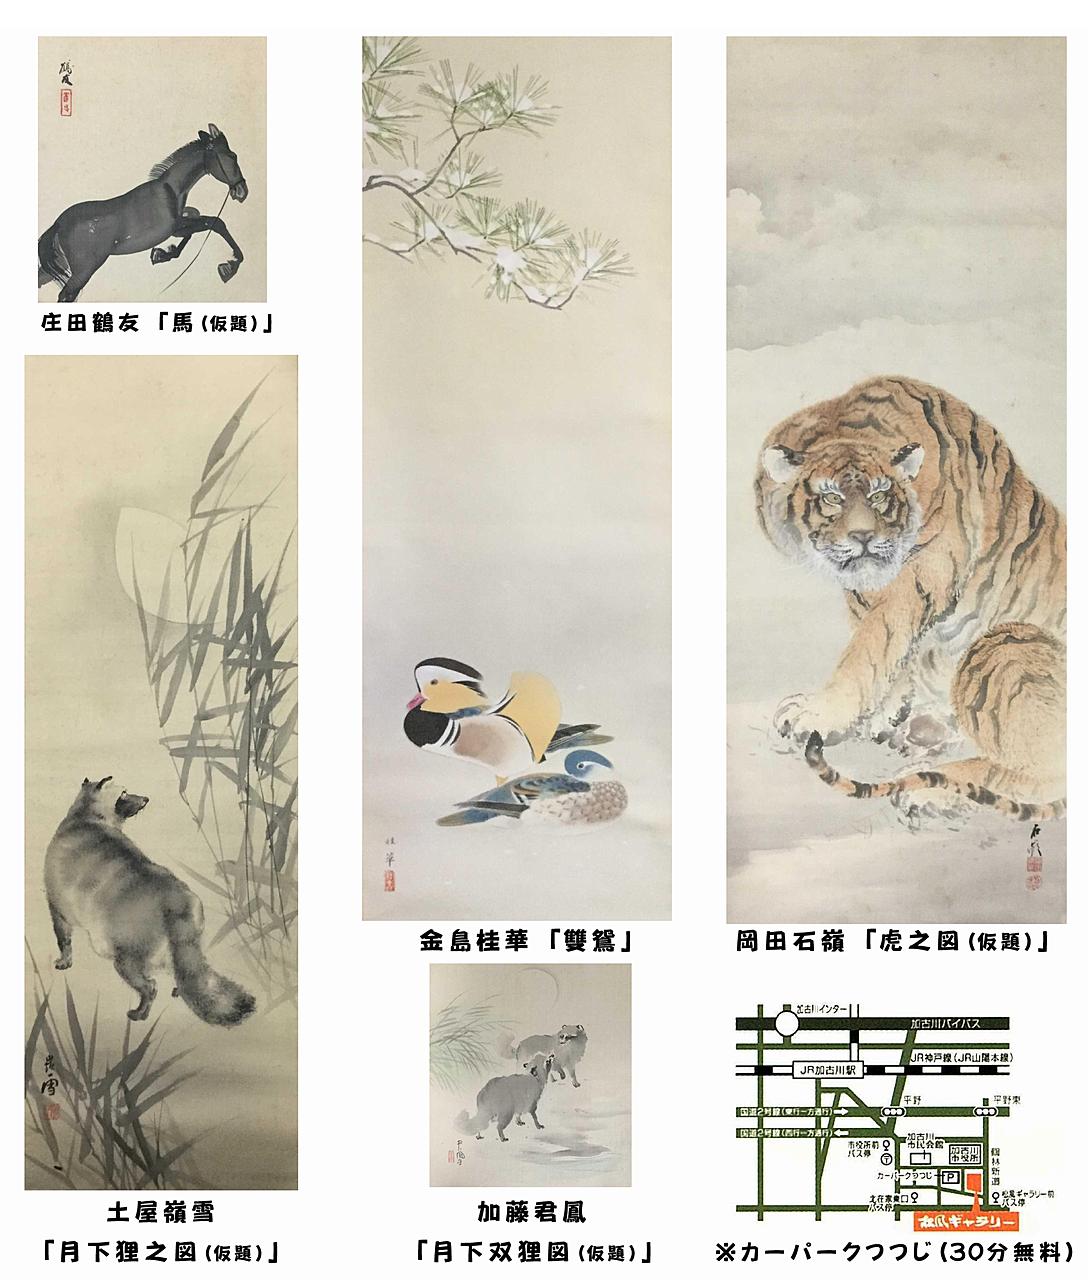 「日本画家に愛された動物たち展」information